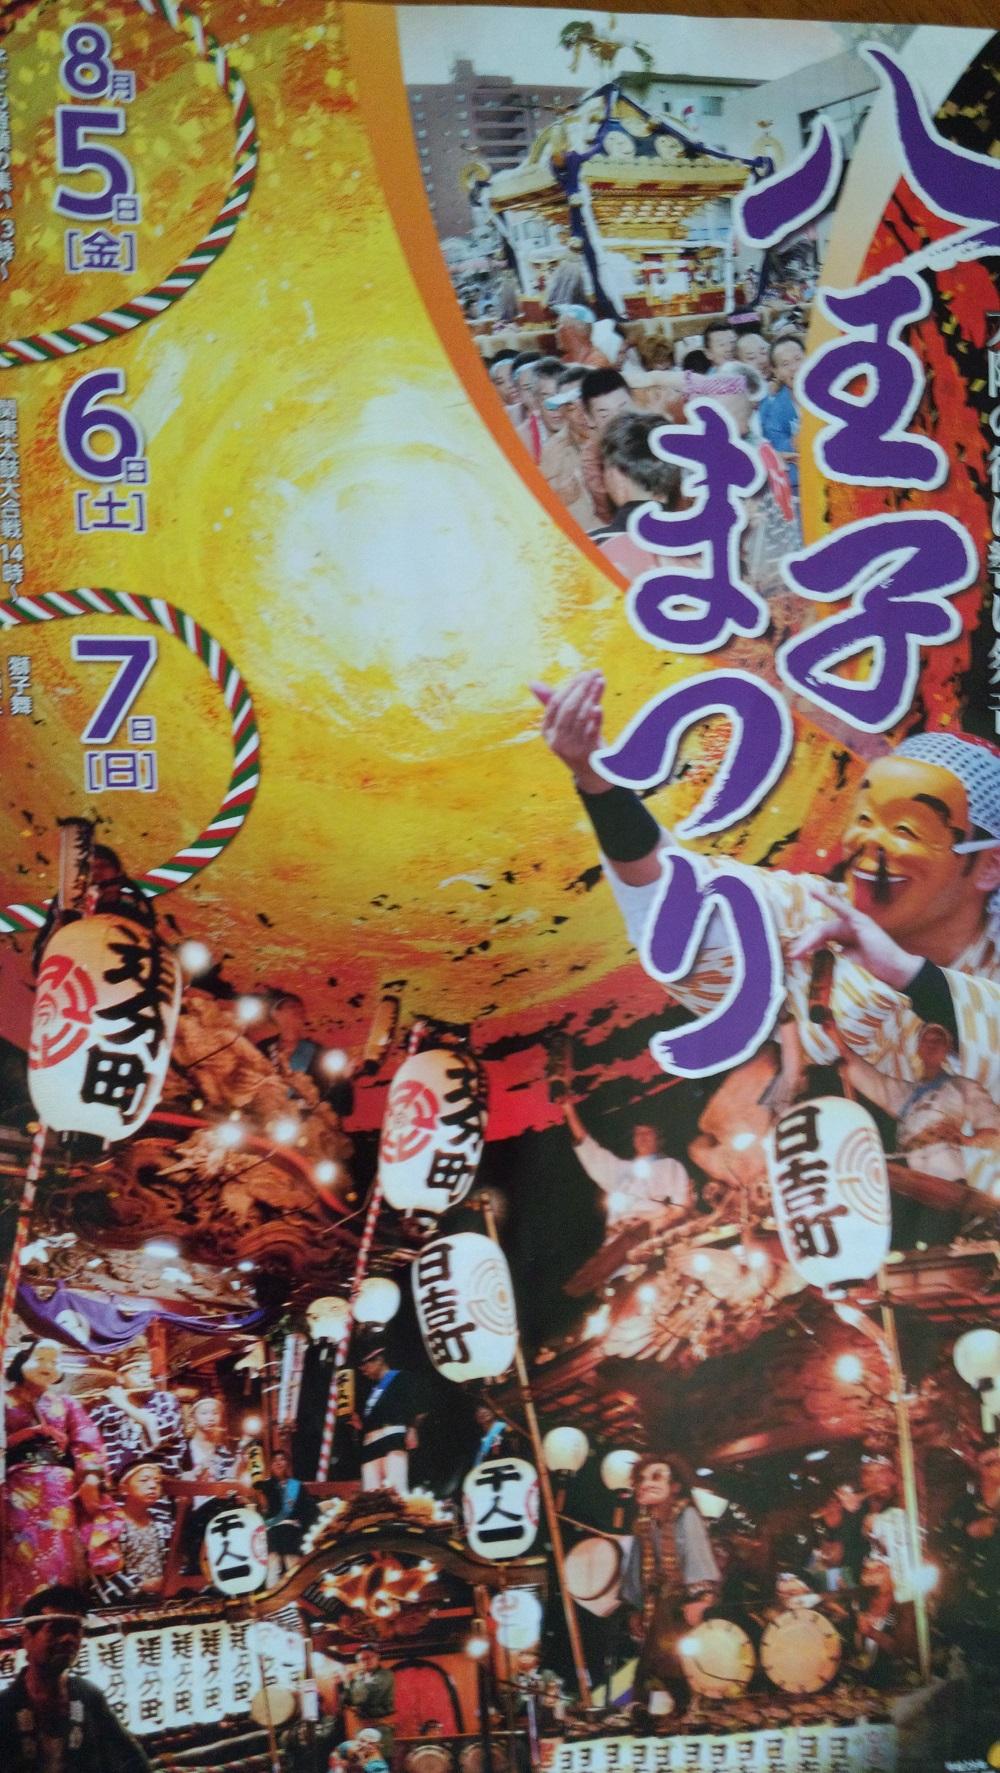 八王子まつりandroid-20160801121934